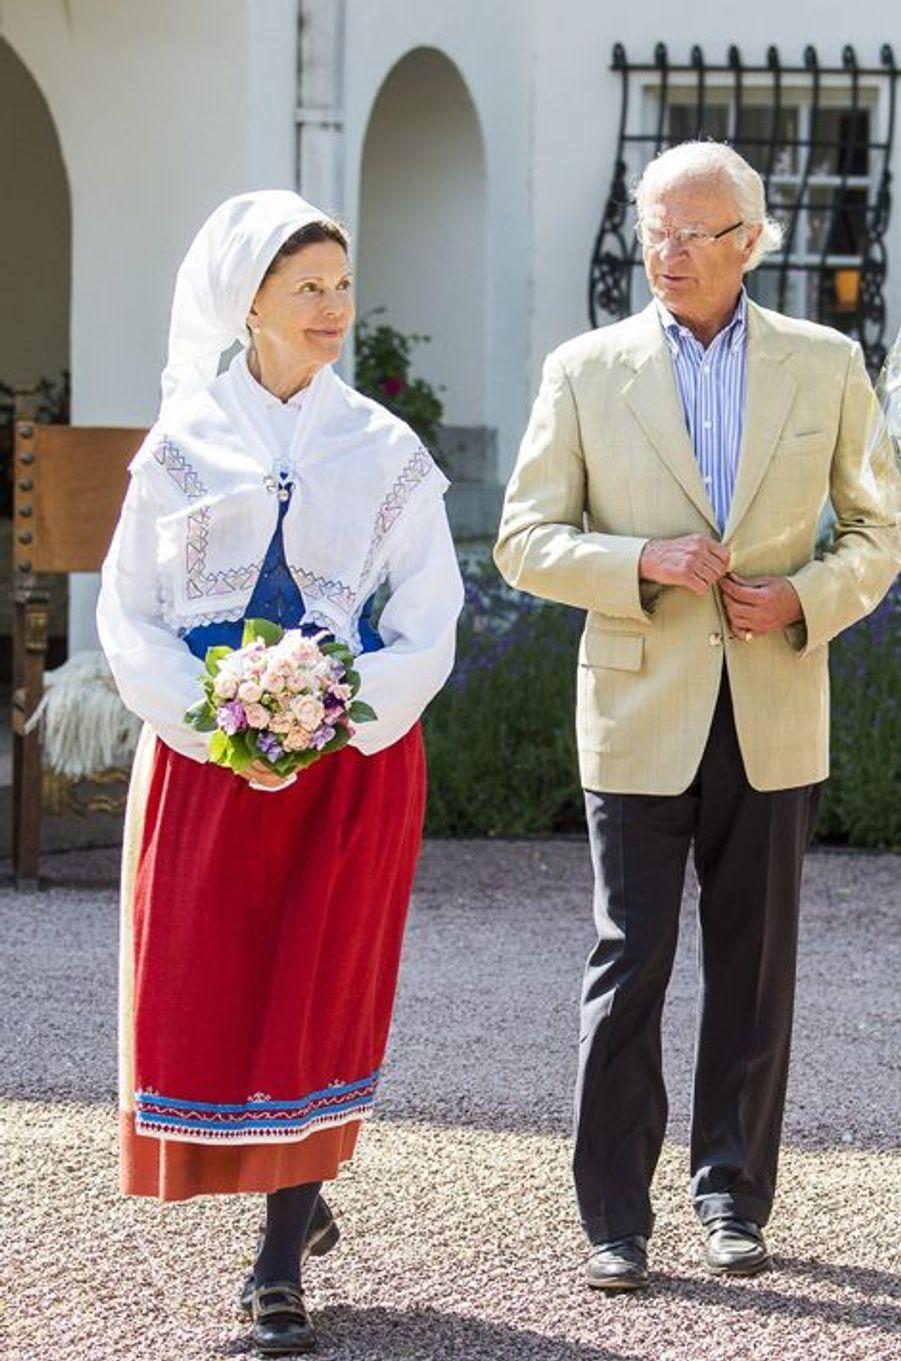 Ce mardi 7 juillet, la reine Silvia, qui a pris ses quartiers d'été en famille sur l'île d'Öland, a revêtu une tenue traditionnelle pour participer, avec son époux le roi Carl XVI Gustaf de Suède, à la remise d'un prix.Chaque dimanche, le Royal Blog de Paris Match vous propose de voir ou revoir les plus belles photographies de la semaine royale.